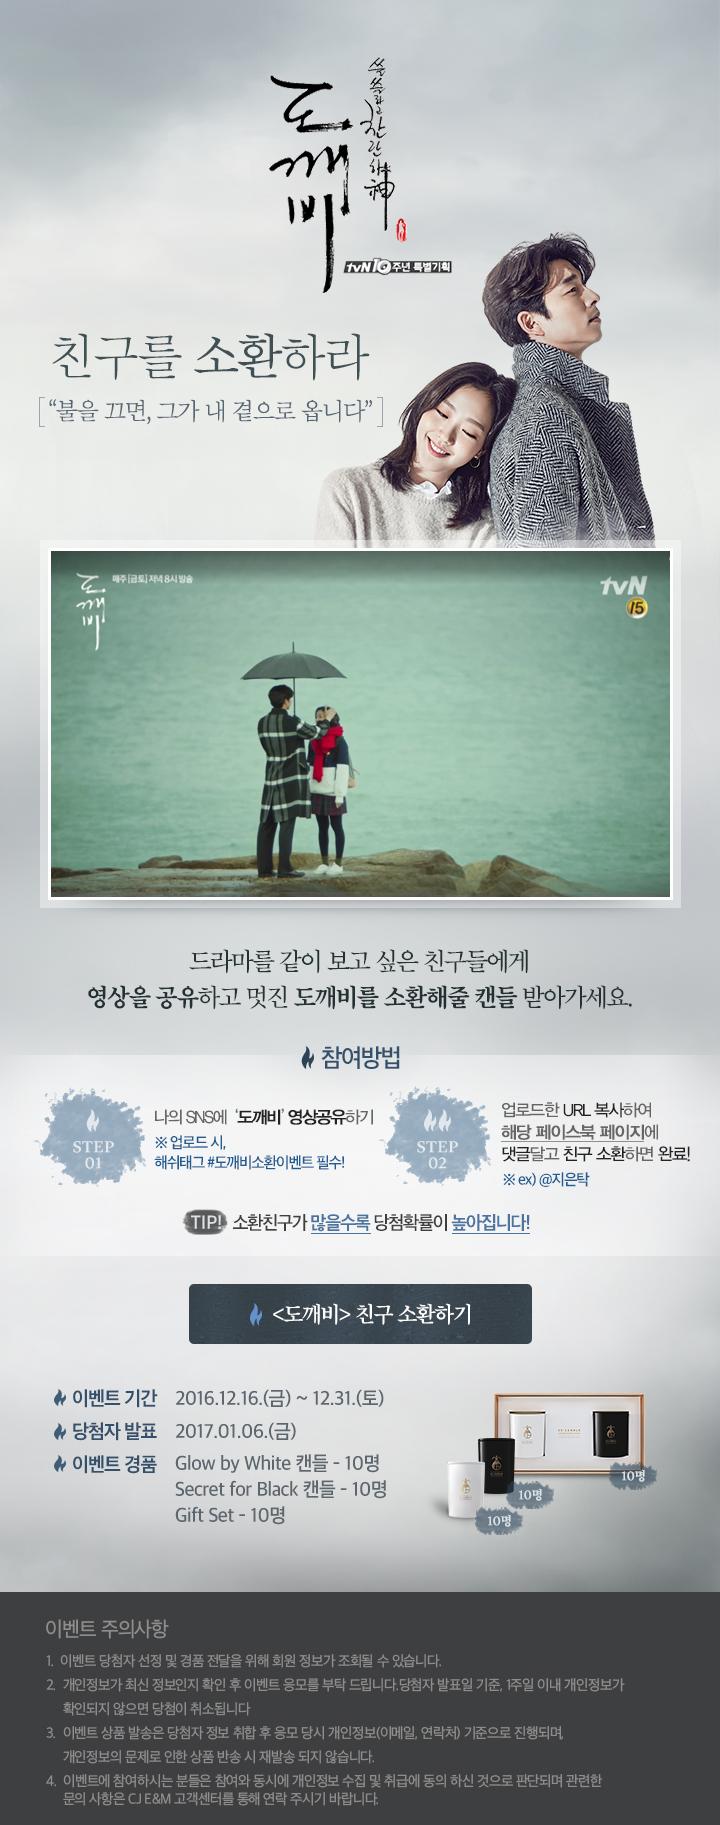 [도깨비] 친구 소환 이벤트